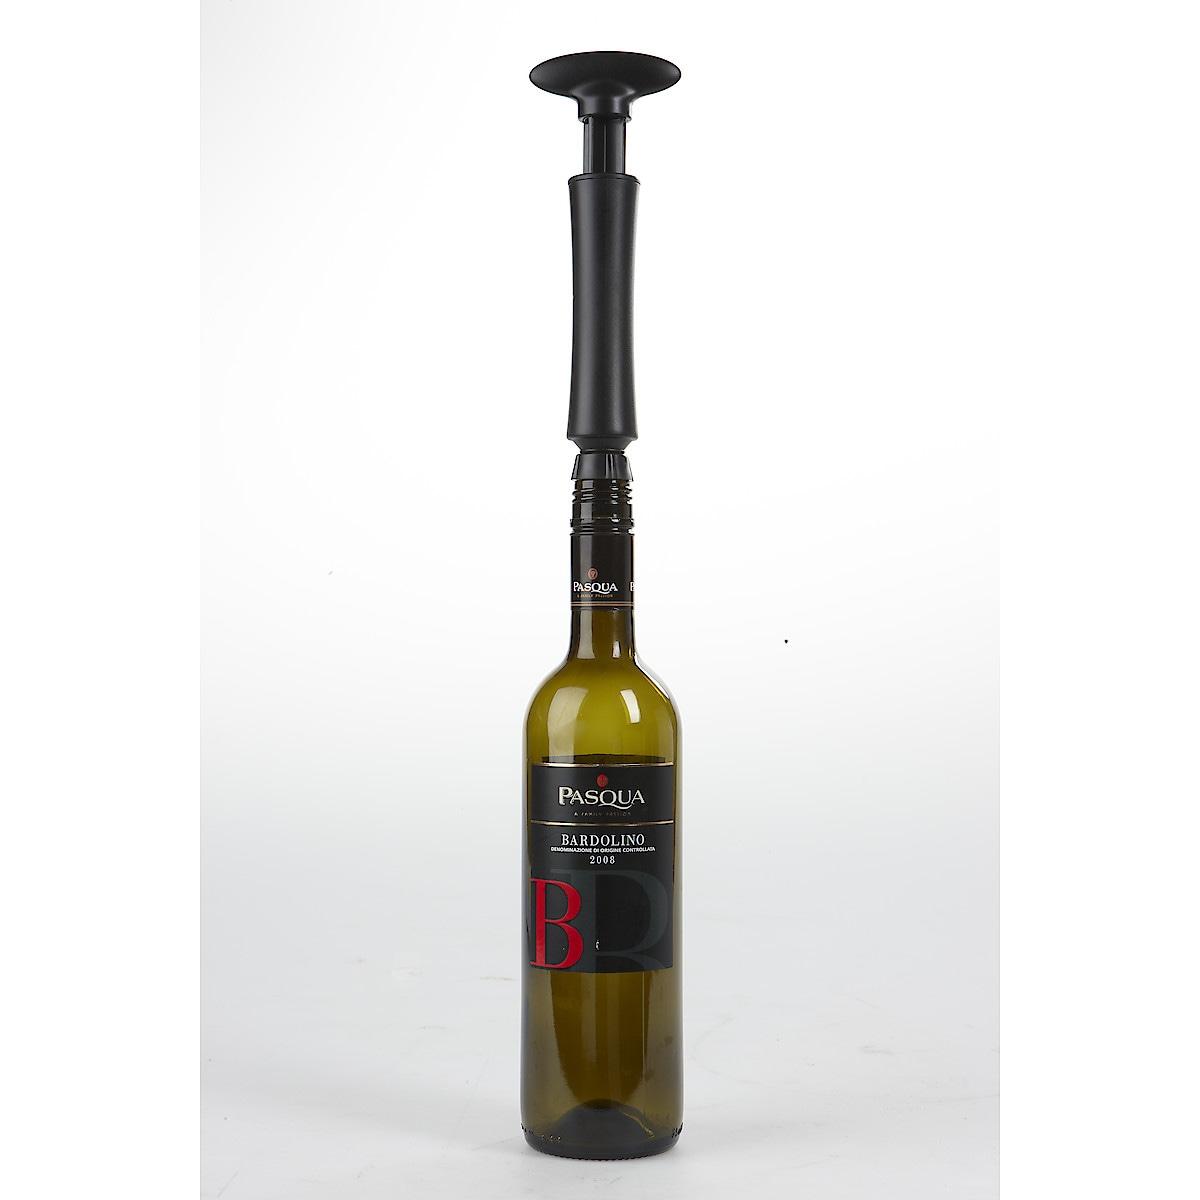 Capere vinpumpe